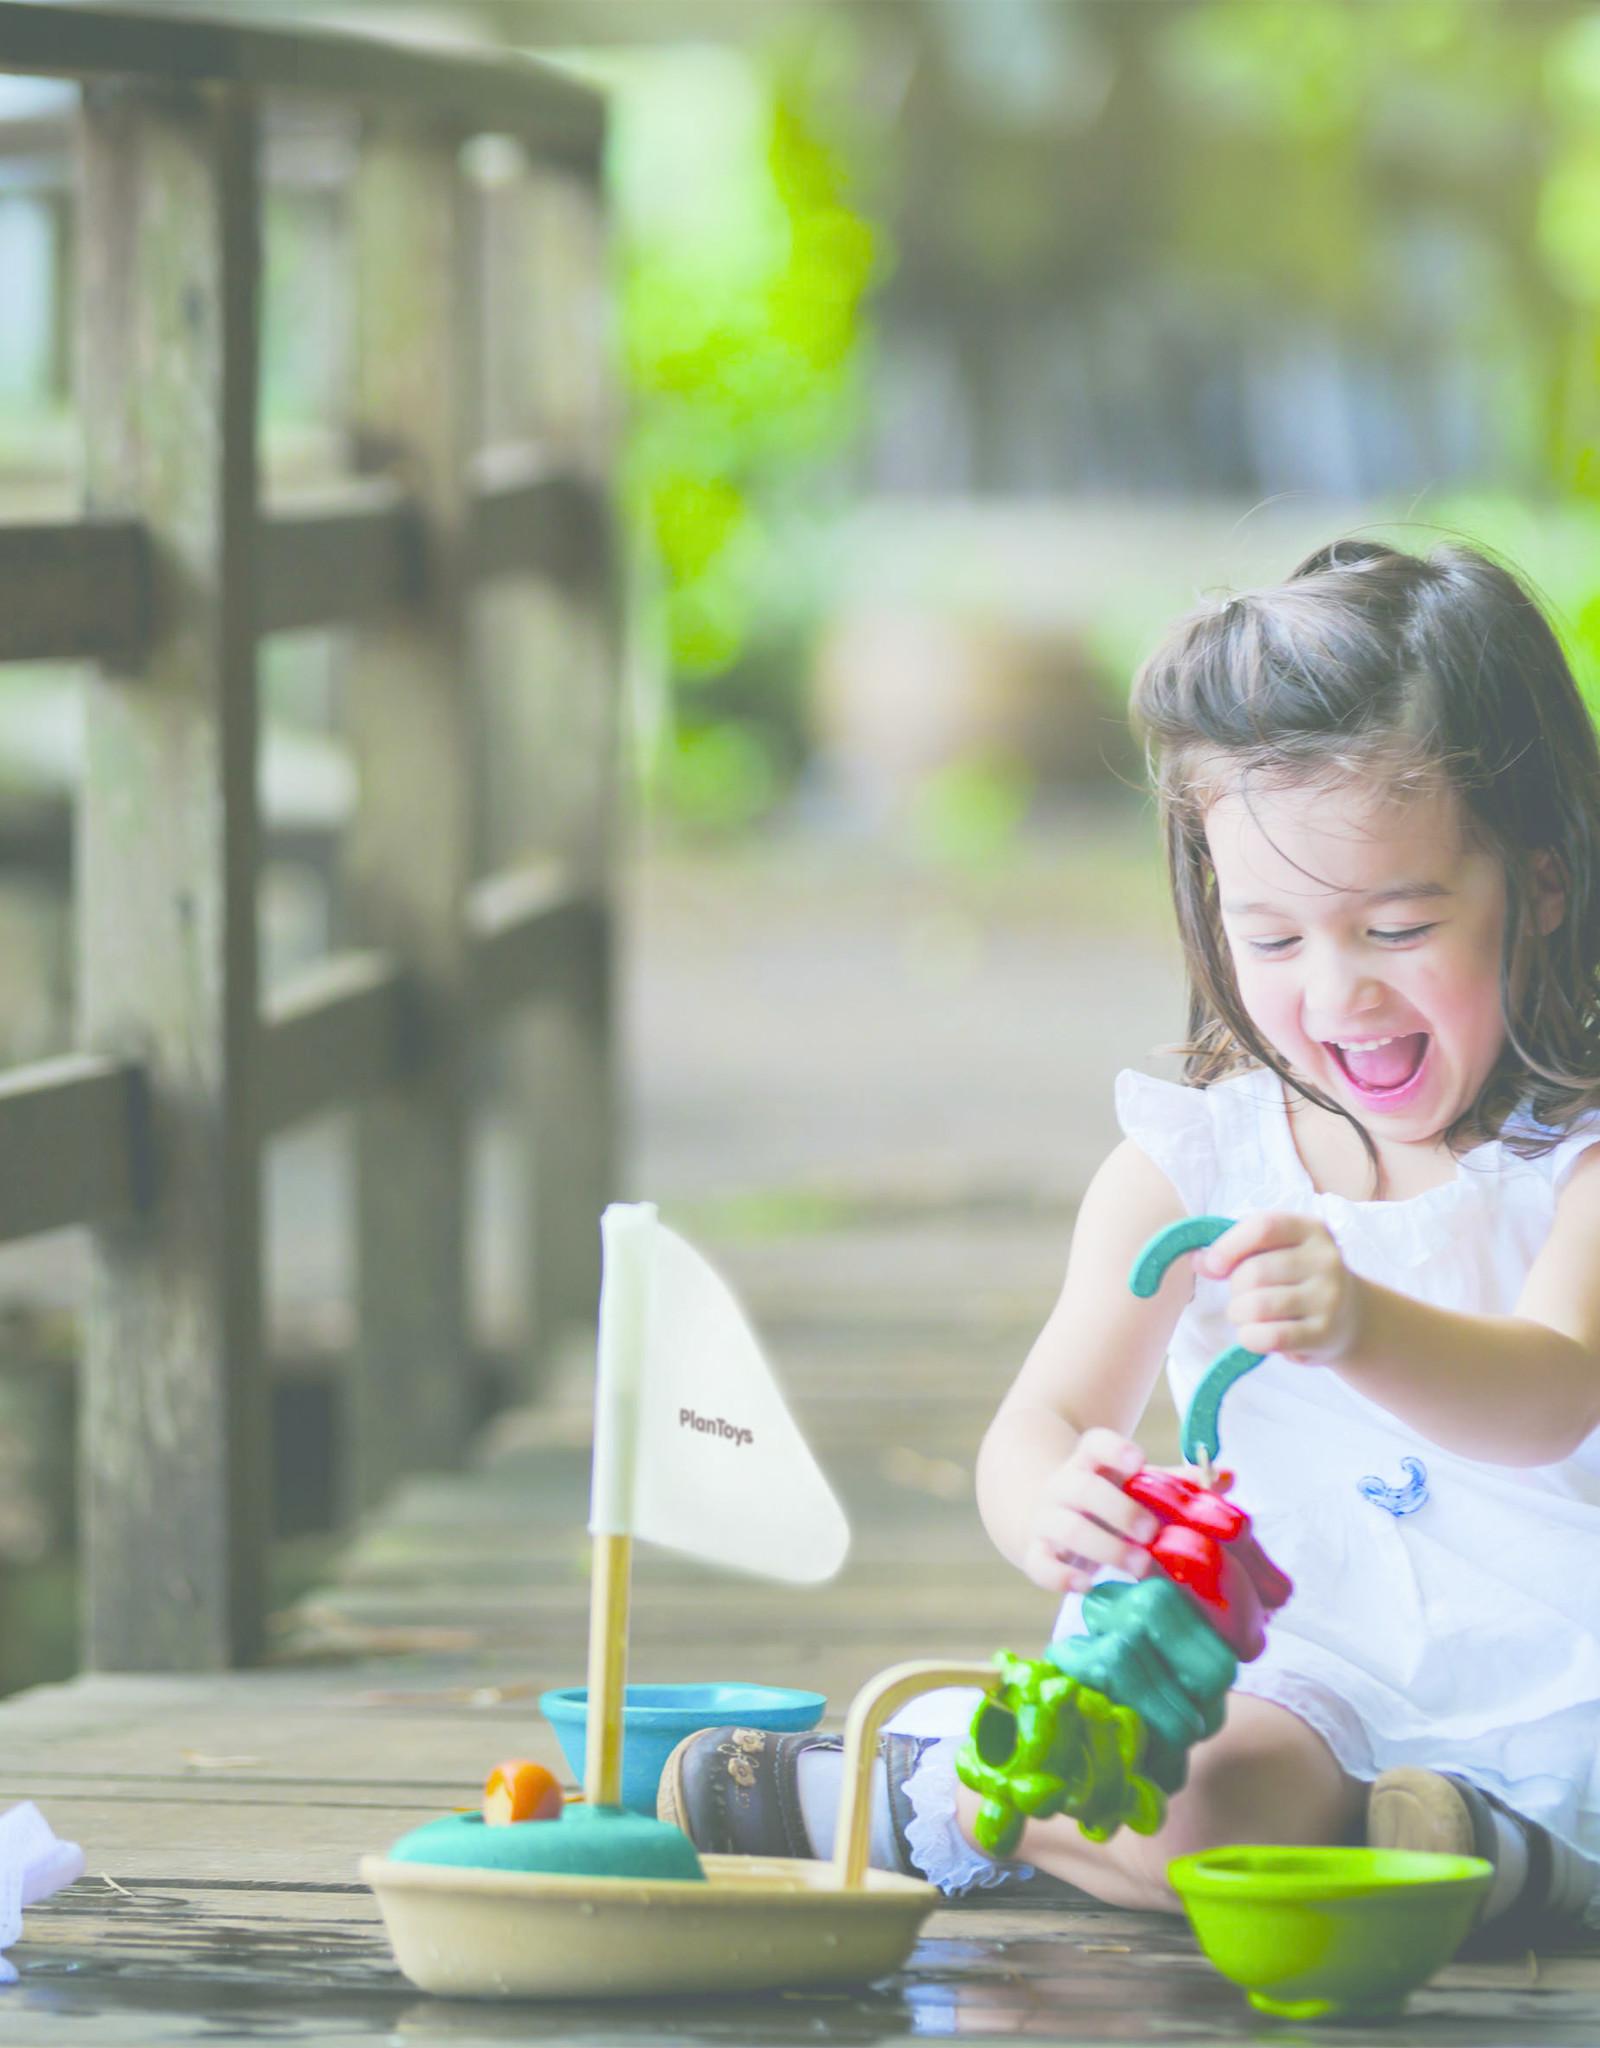 Plan Toys Plan toys - ACTIVITEITENBOOT